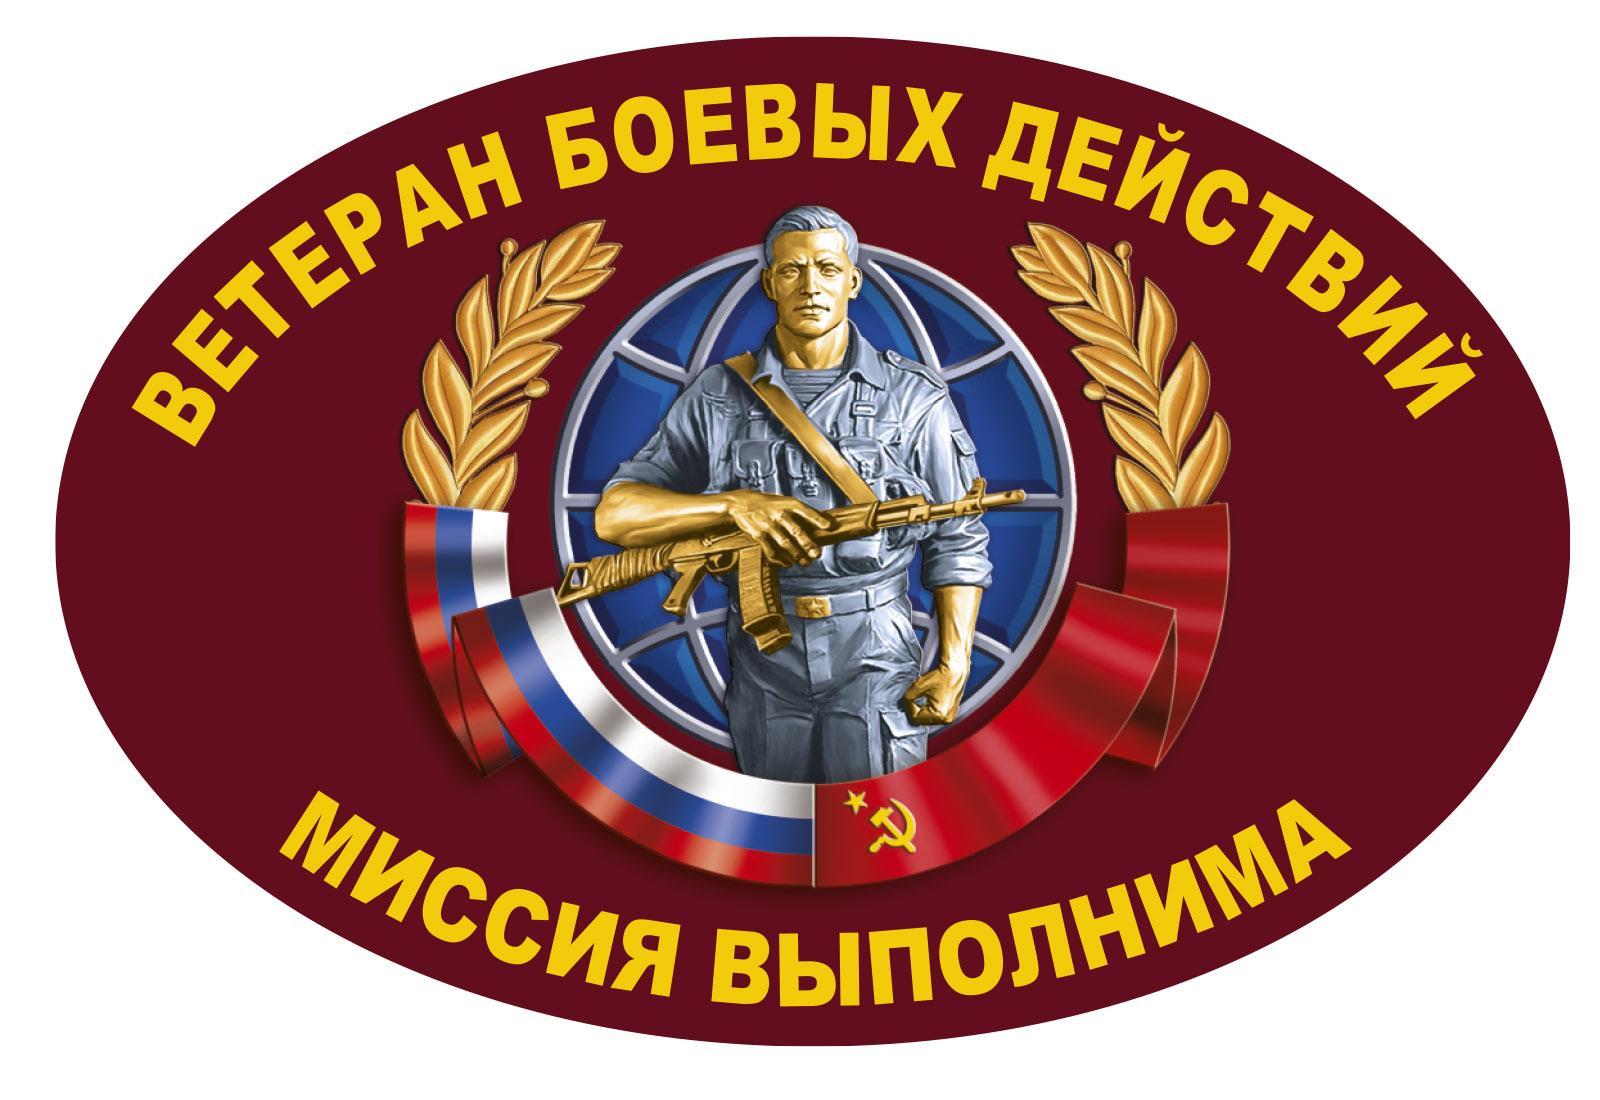 """Наклейка """"Ветеран боевых действий"""""""